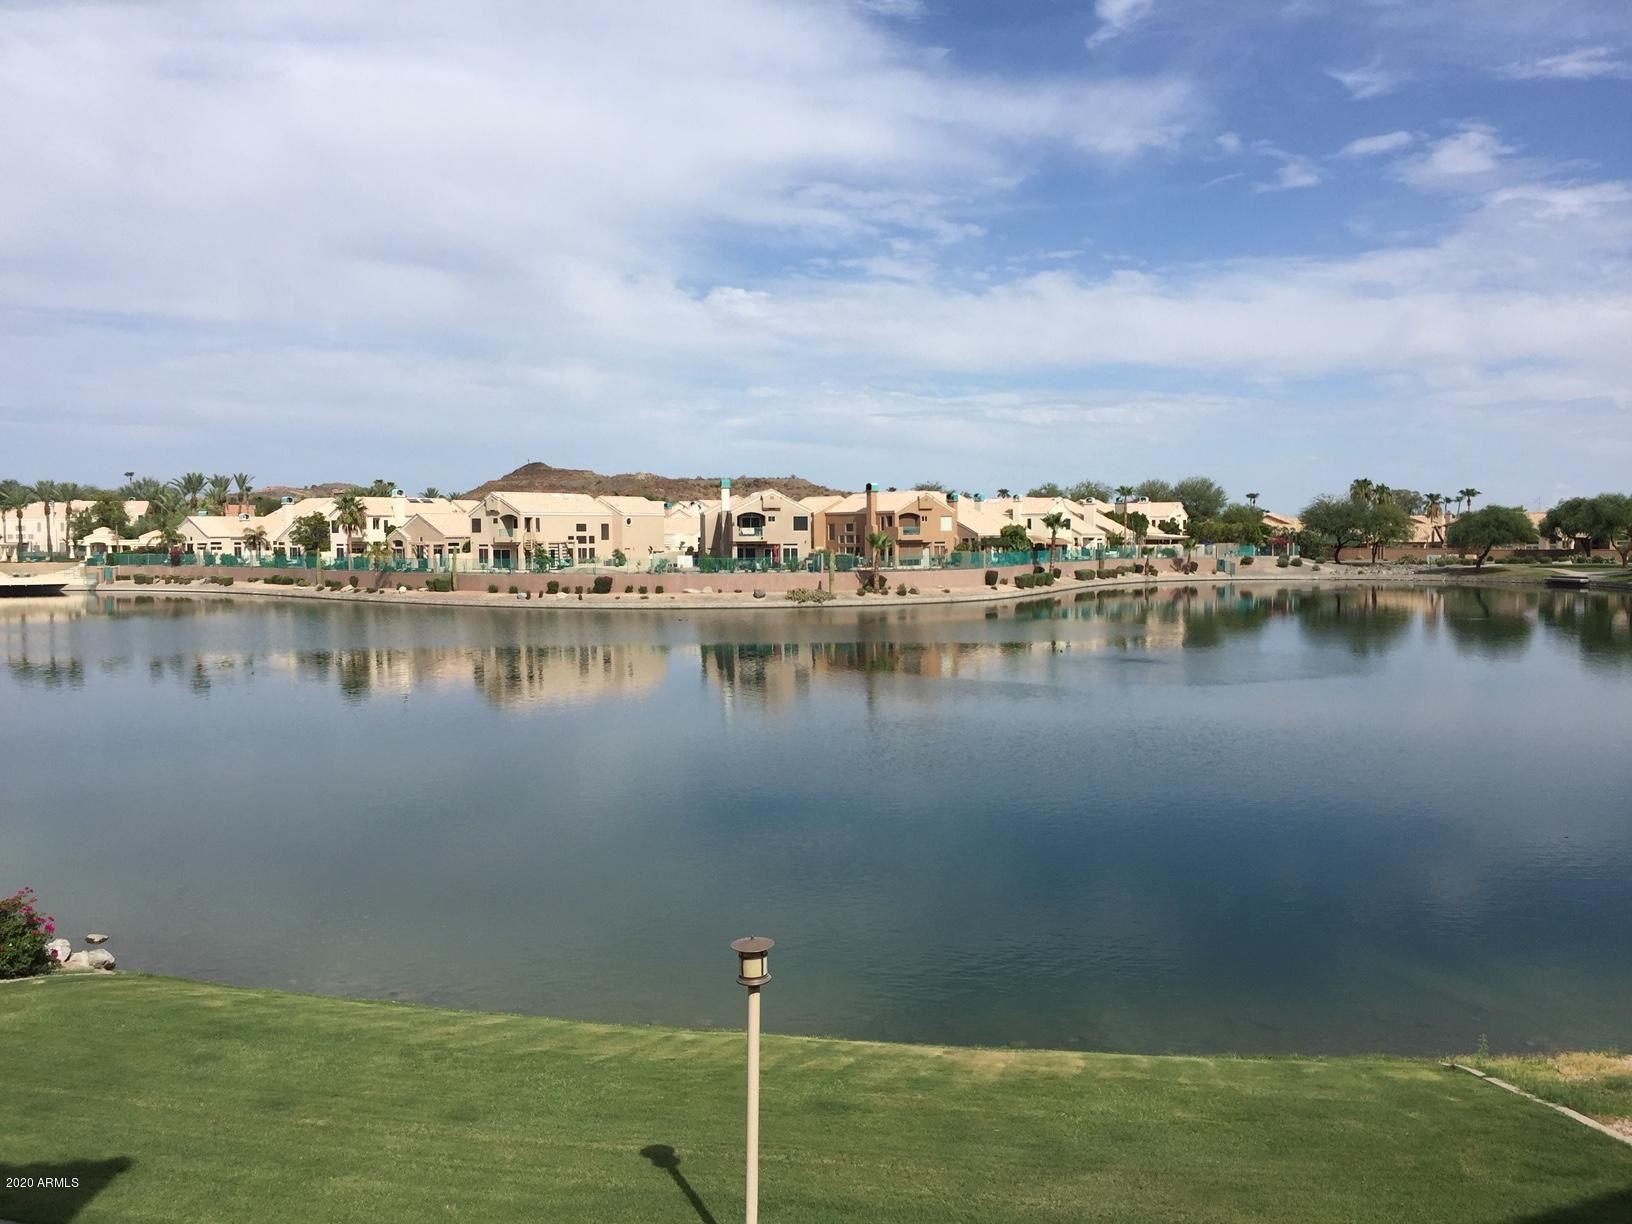 16013 S DESERT FOOTHILLS Parkway #2014, Phoenix, AZ 85048 - MLS#: 6149014